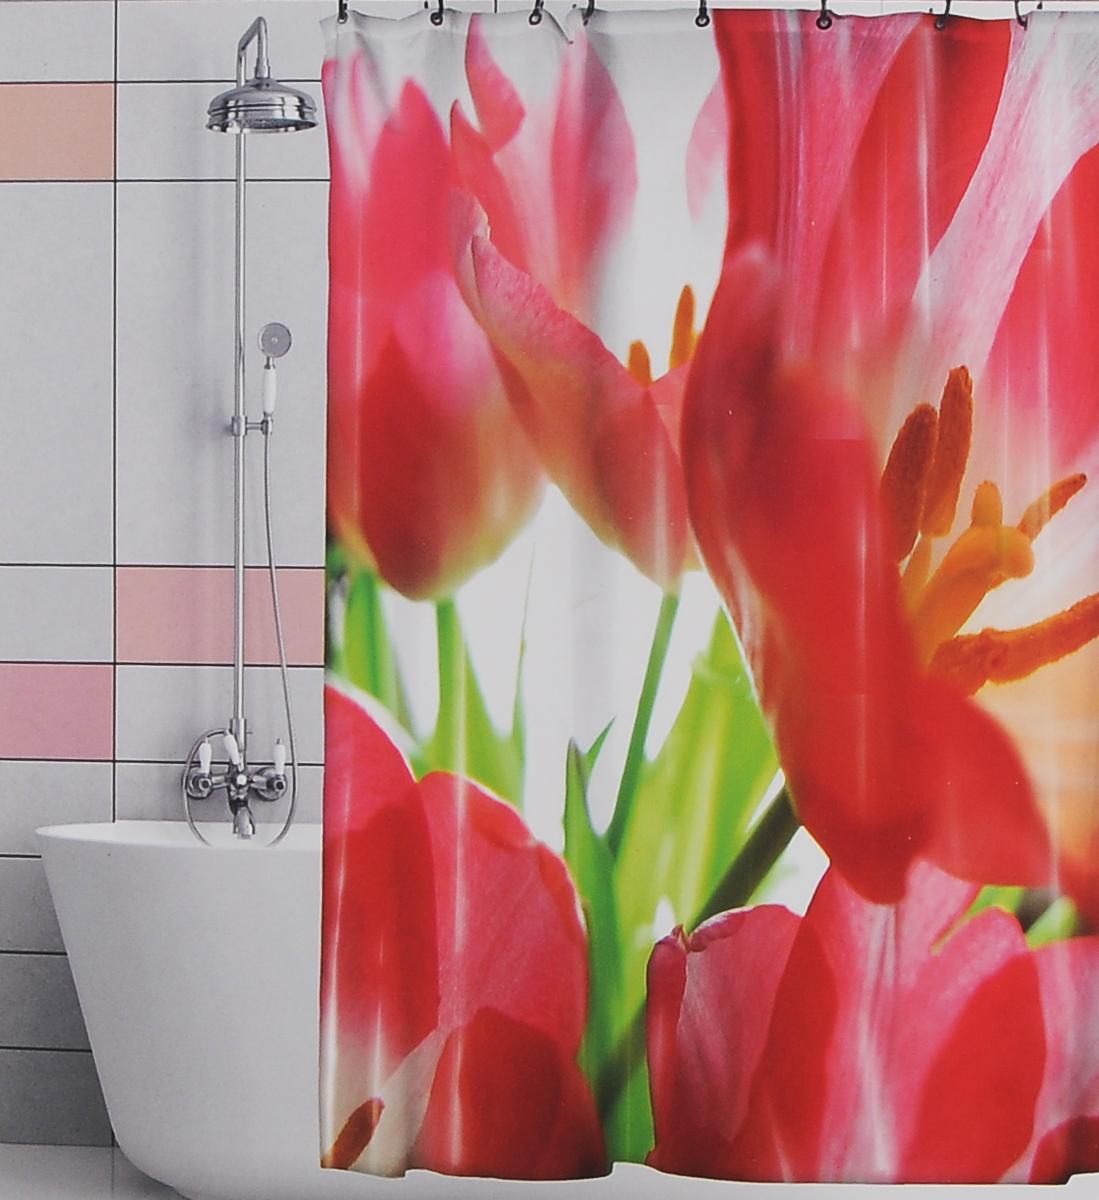 Штора для ванной Valiant Красные тюльпаны, цвет: белый, красный, 180 см х 180 см штора для ванной valiant водопад цветов цвет белый голубой 180 х 180 см